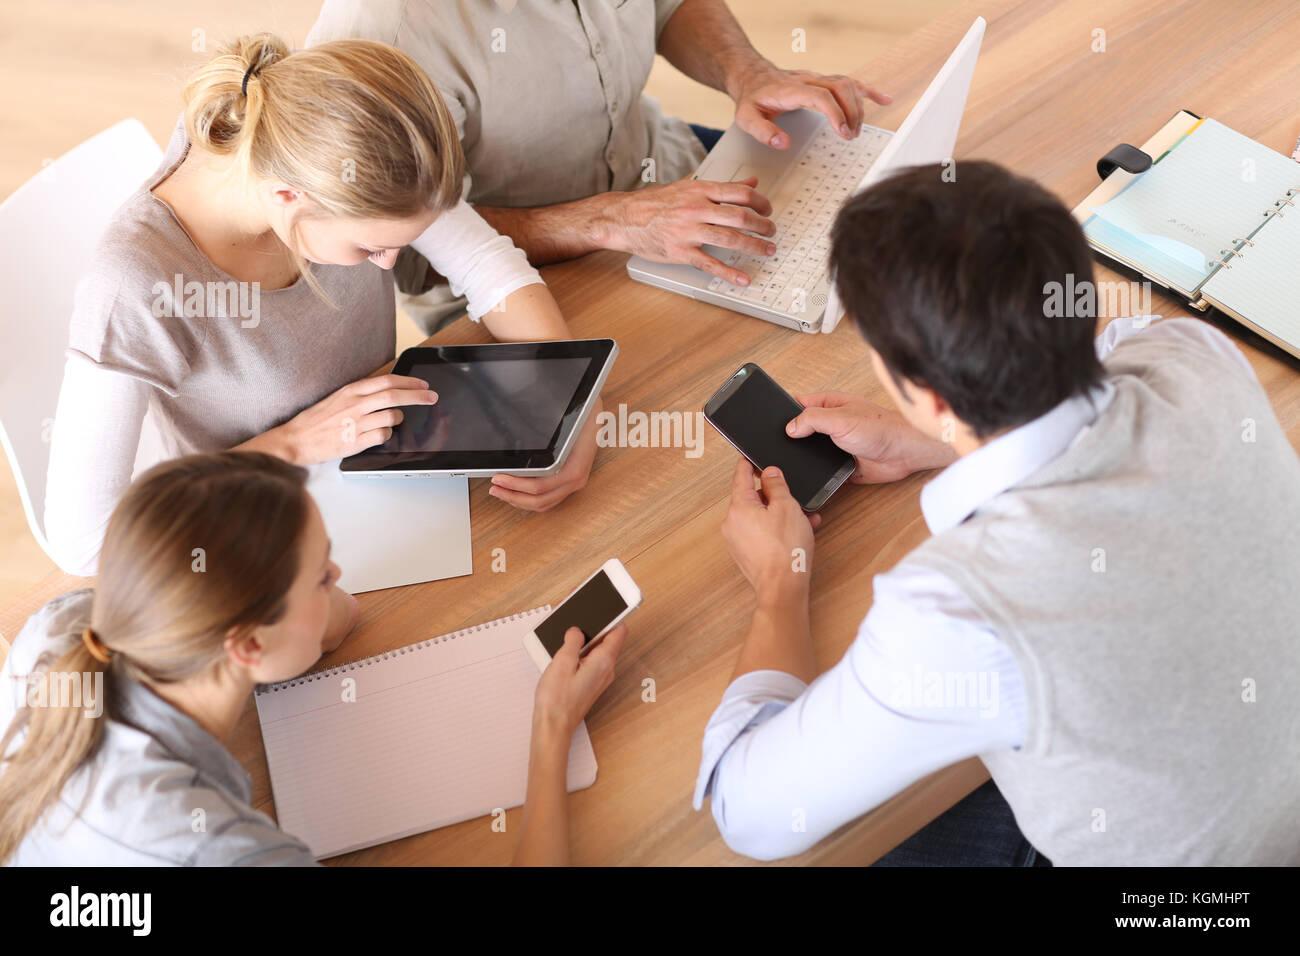 Groupe de gens d'affaires à l'aide de dispositifs électroniques au travail Photo Stock